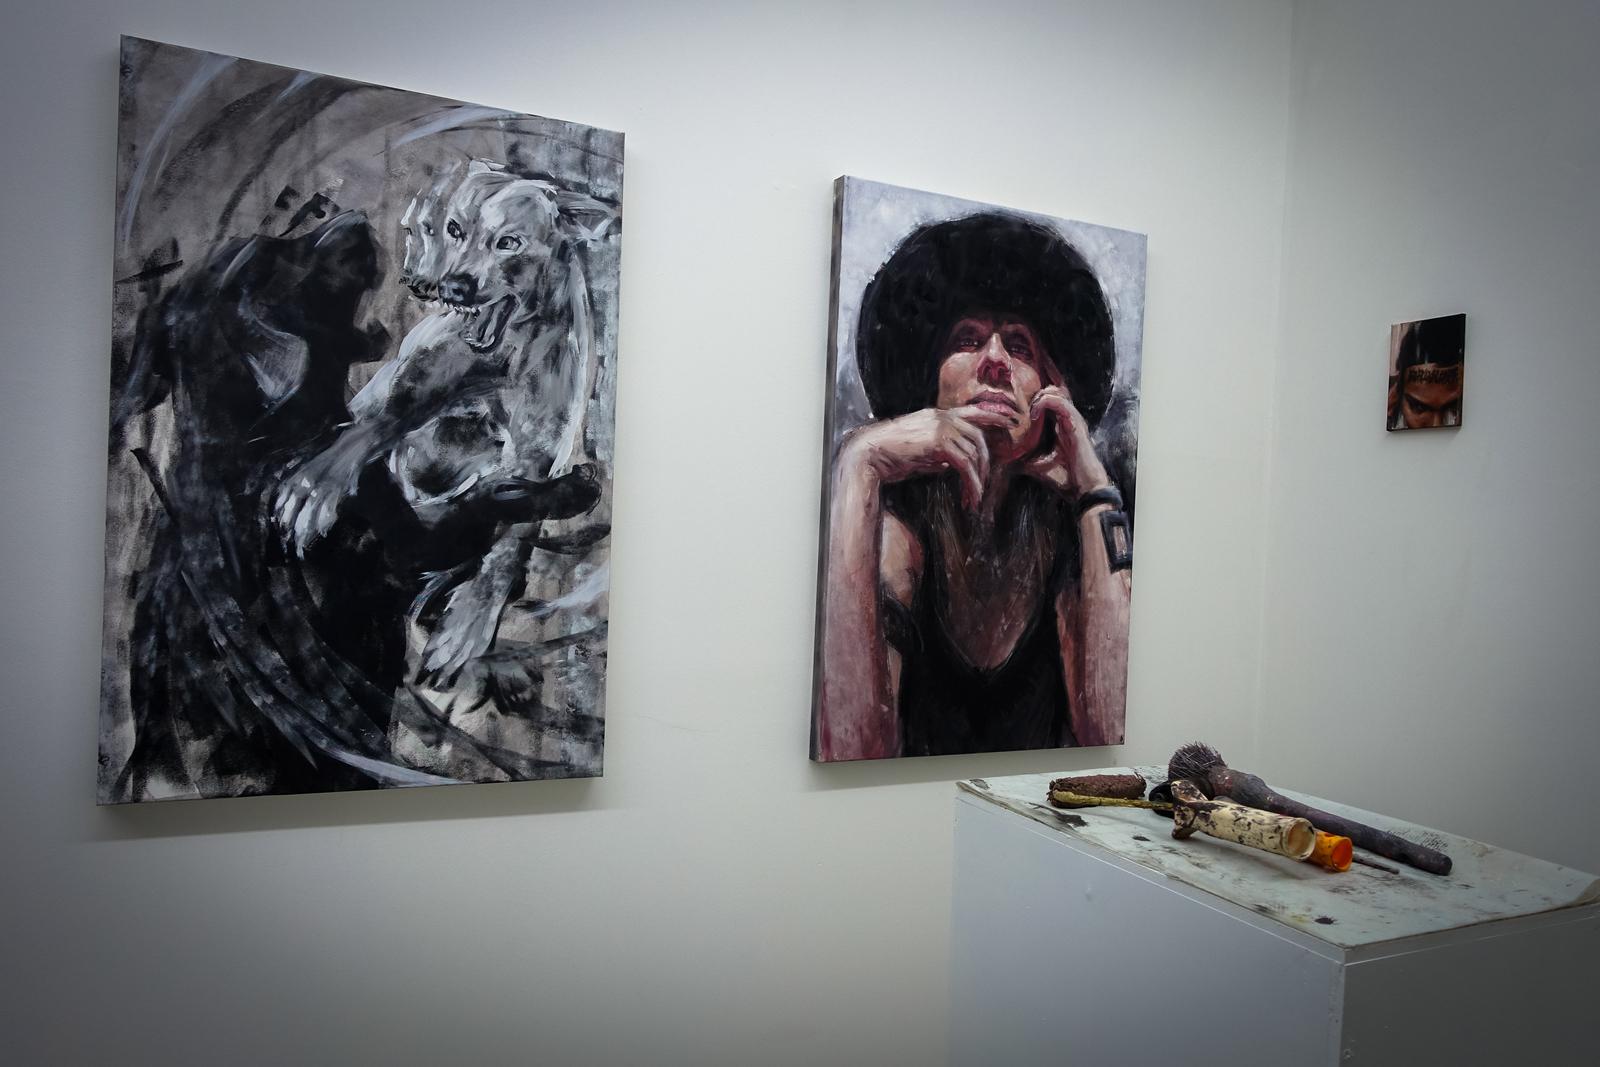 vernissage: alaniz – la calle es un espejo – open walls gallery